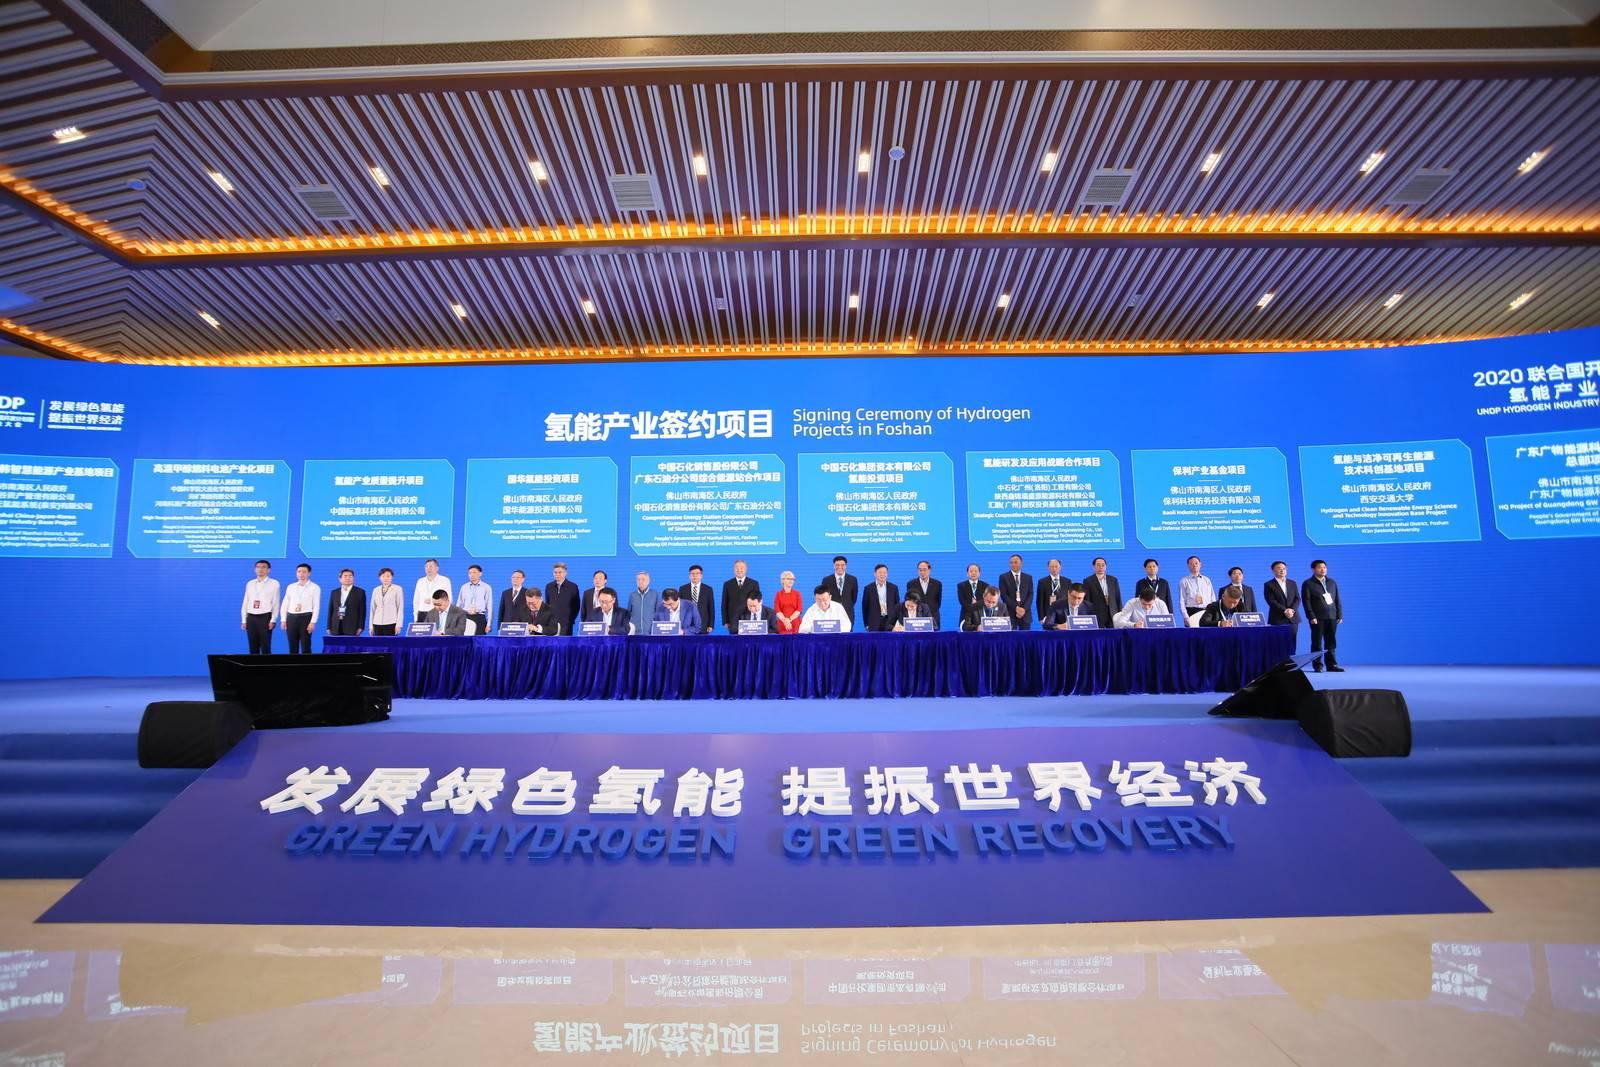 16个氢能产业项目与南海签约